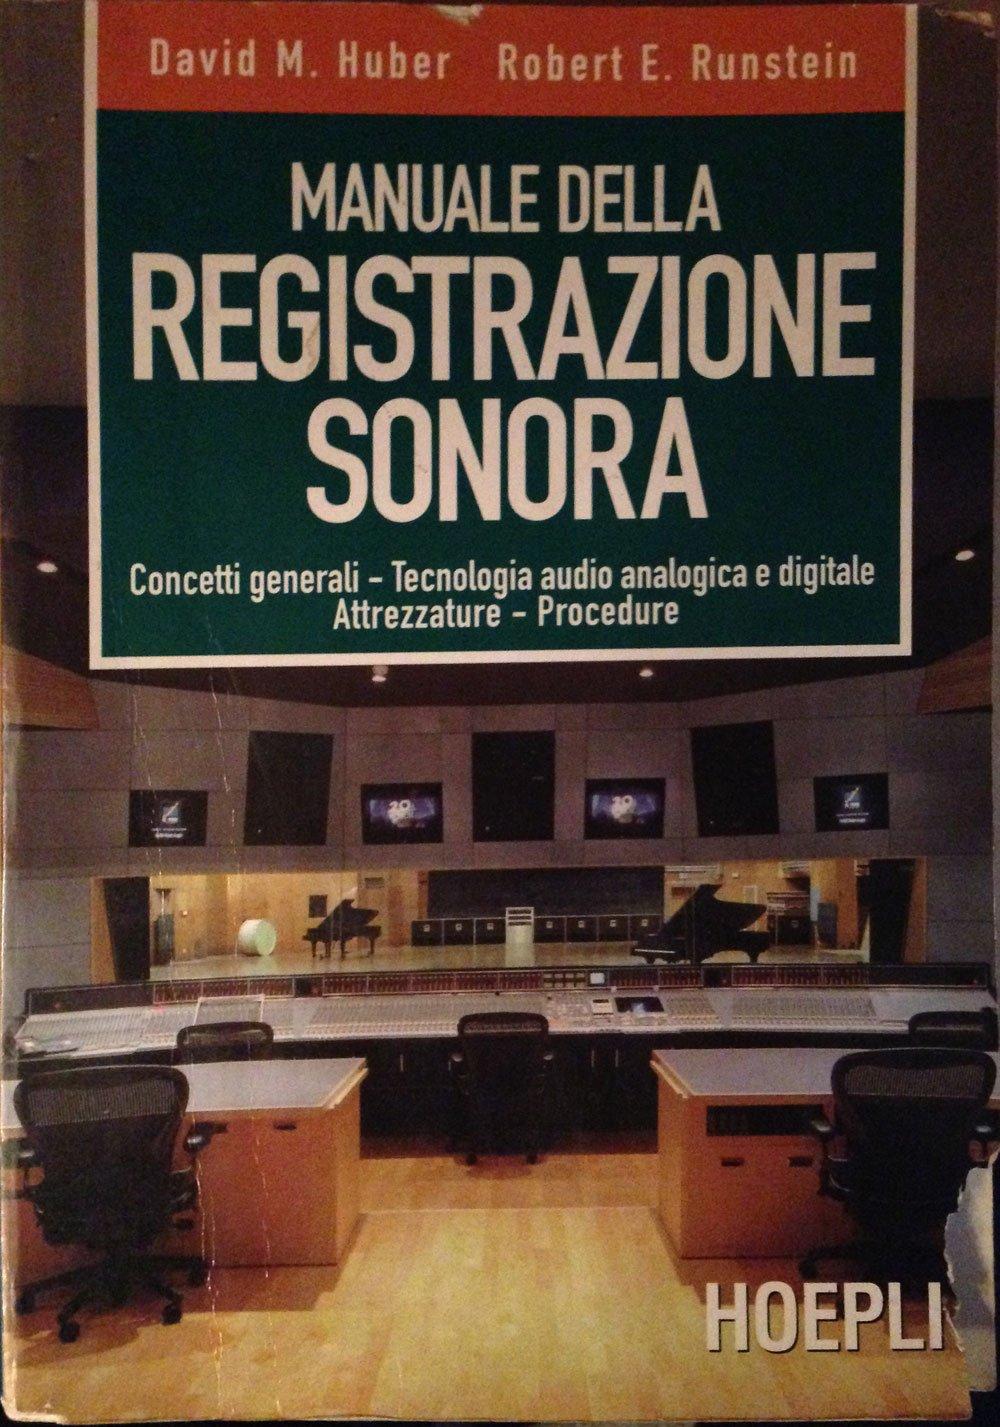 Amazon.it: Manuale della registrazione sonora - David M. Huber, Robert E.  Runstein - Libri